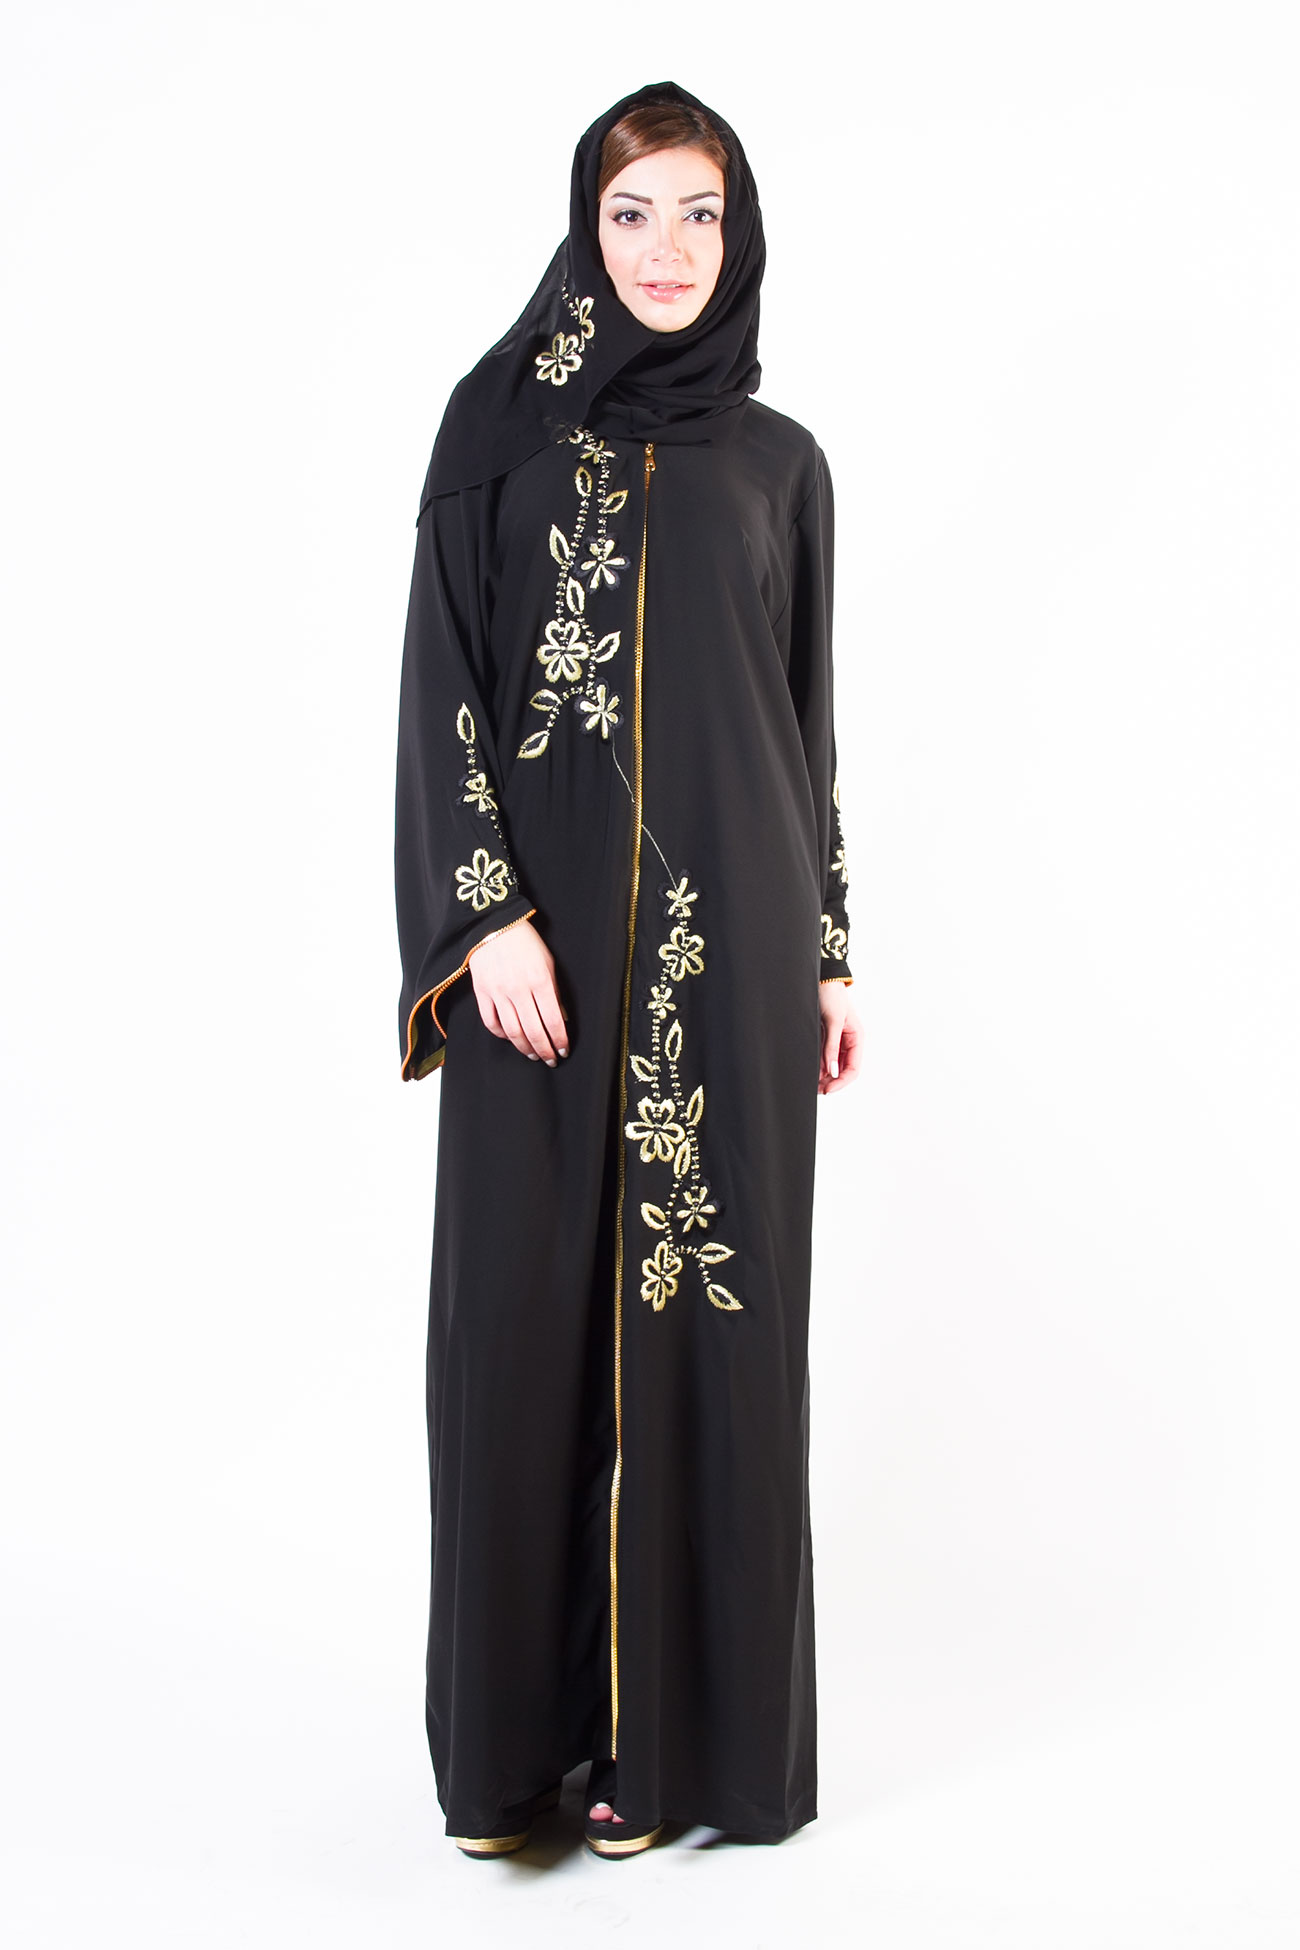 1b7116ec7 عبايات خليجيه صيف 2014 – 3 – Arab Fashion